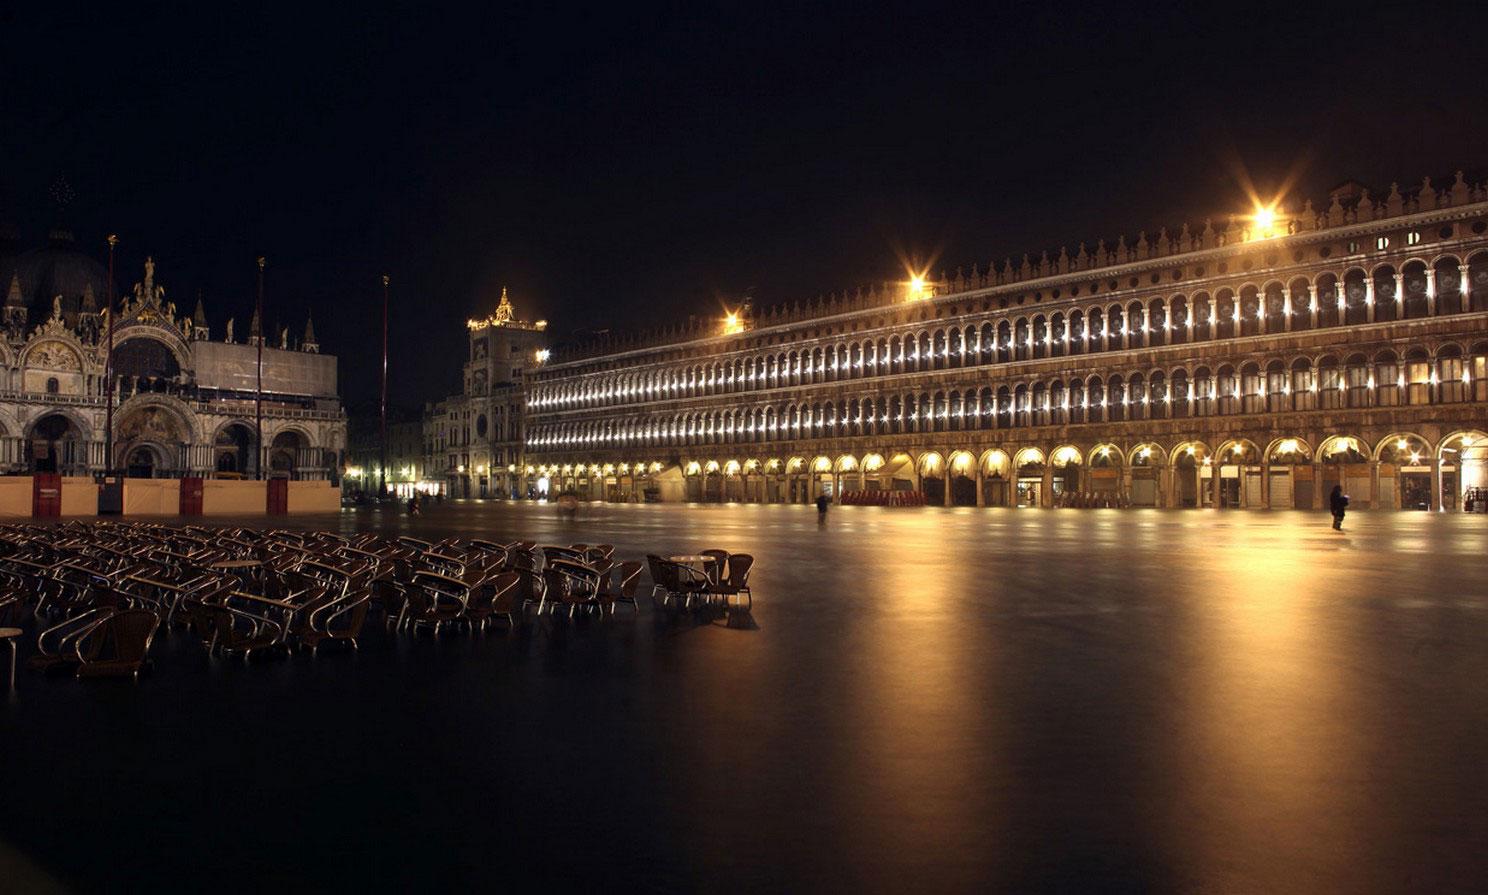 Площадь Сан-Марко ночью в воде, фото